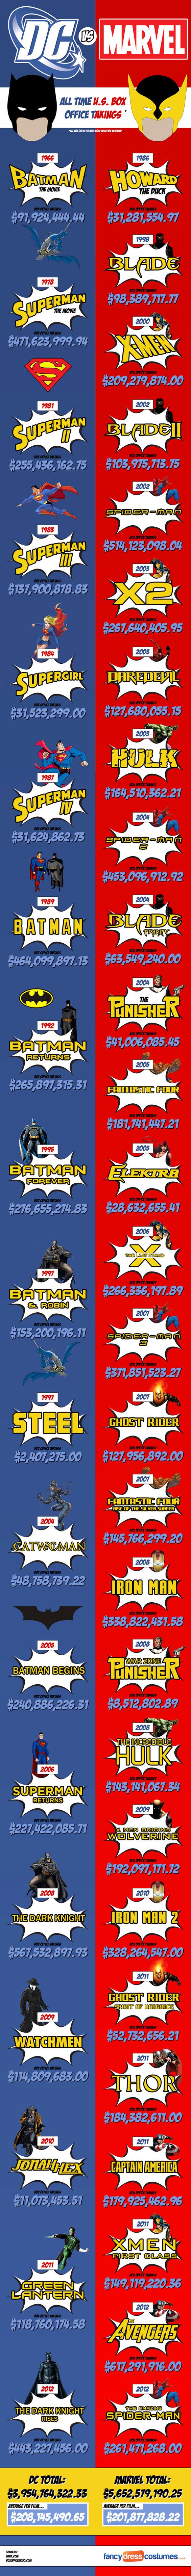 """Кои се подобри """"Marvel"""" или """"DC Comics""""?"""